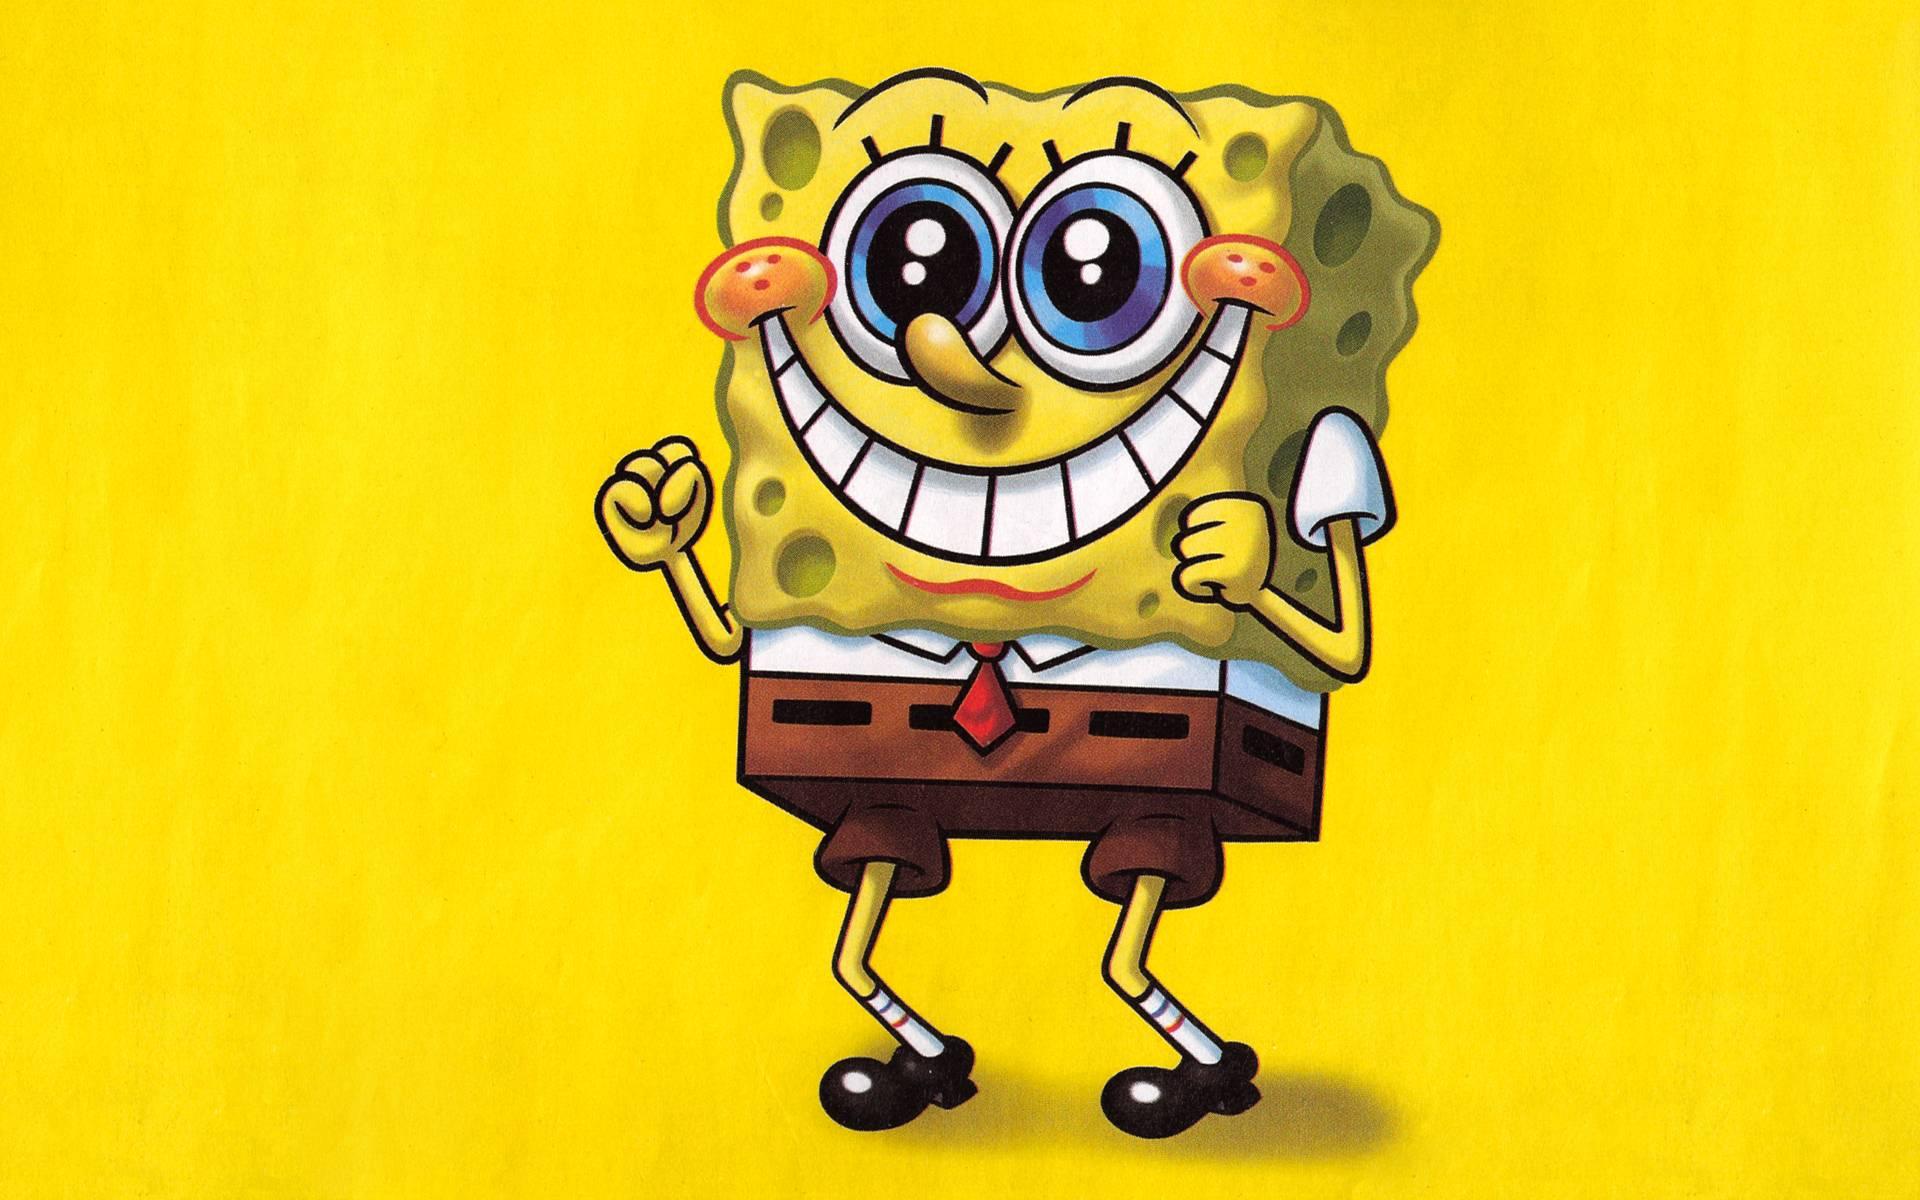 spongebob desktop wallpaper 58840